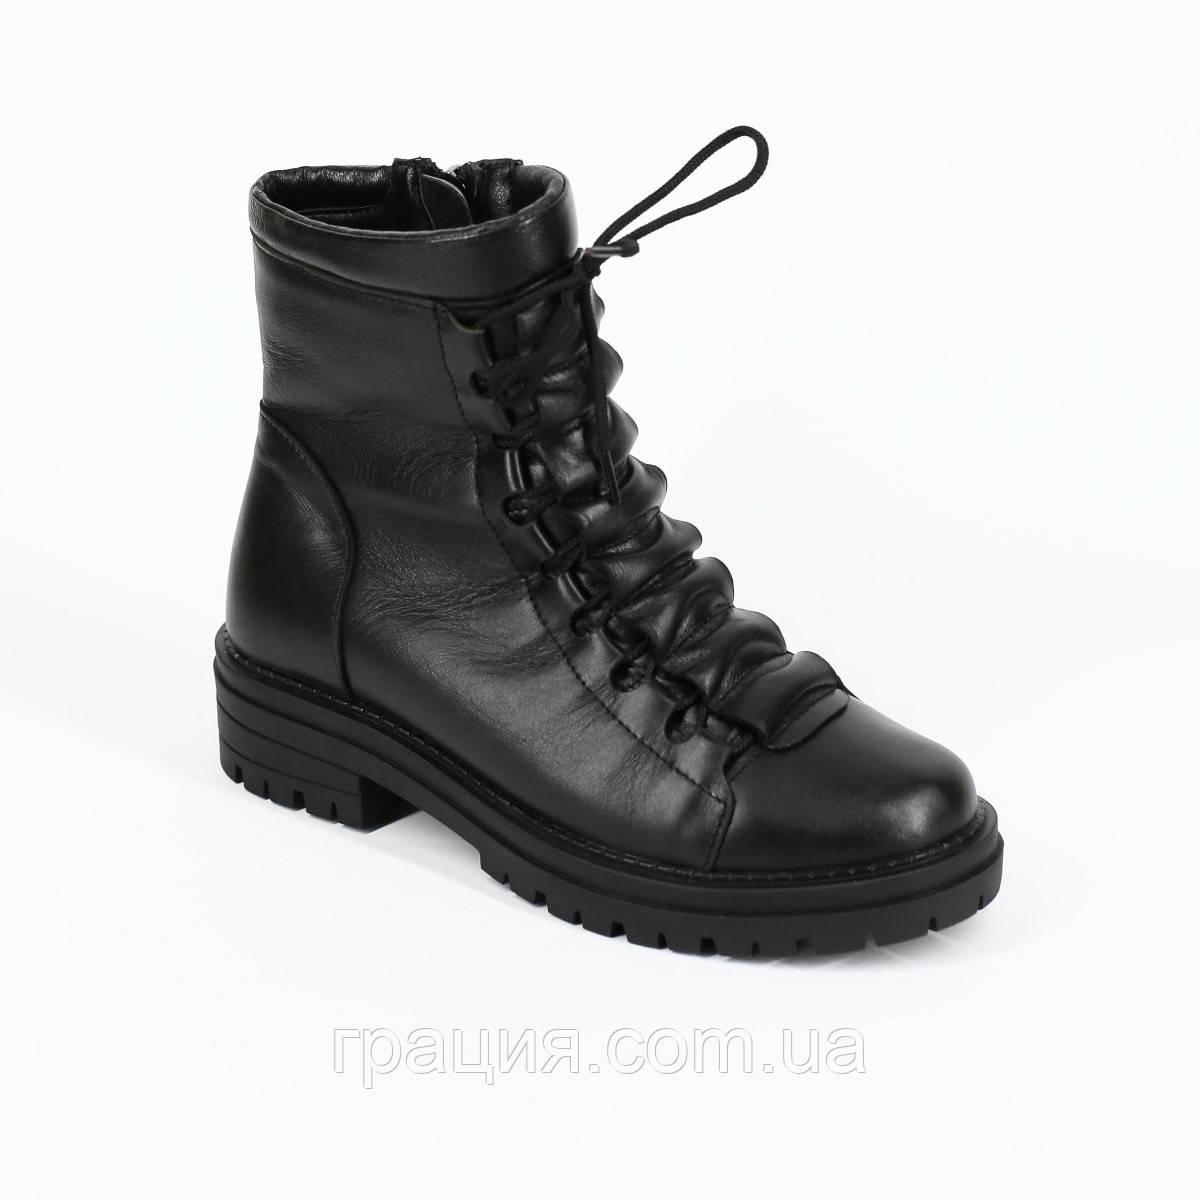 Модные женские кожаные зимние ботинки